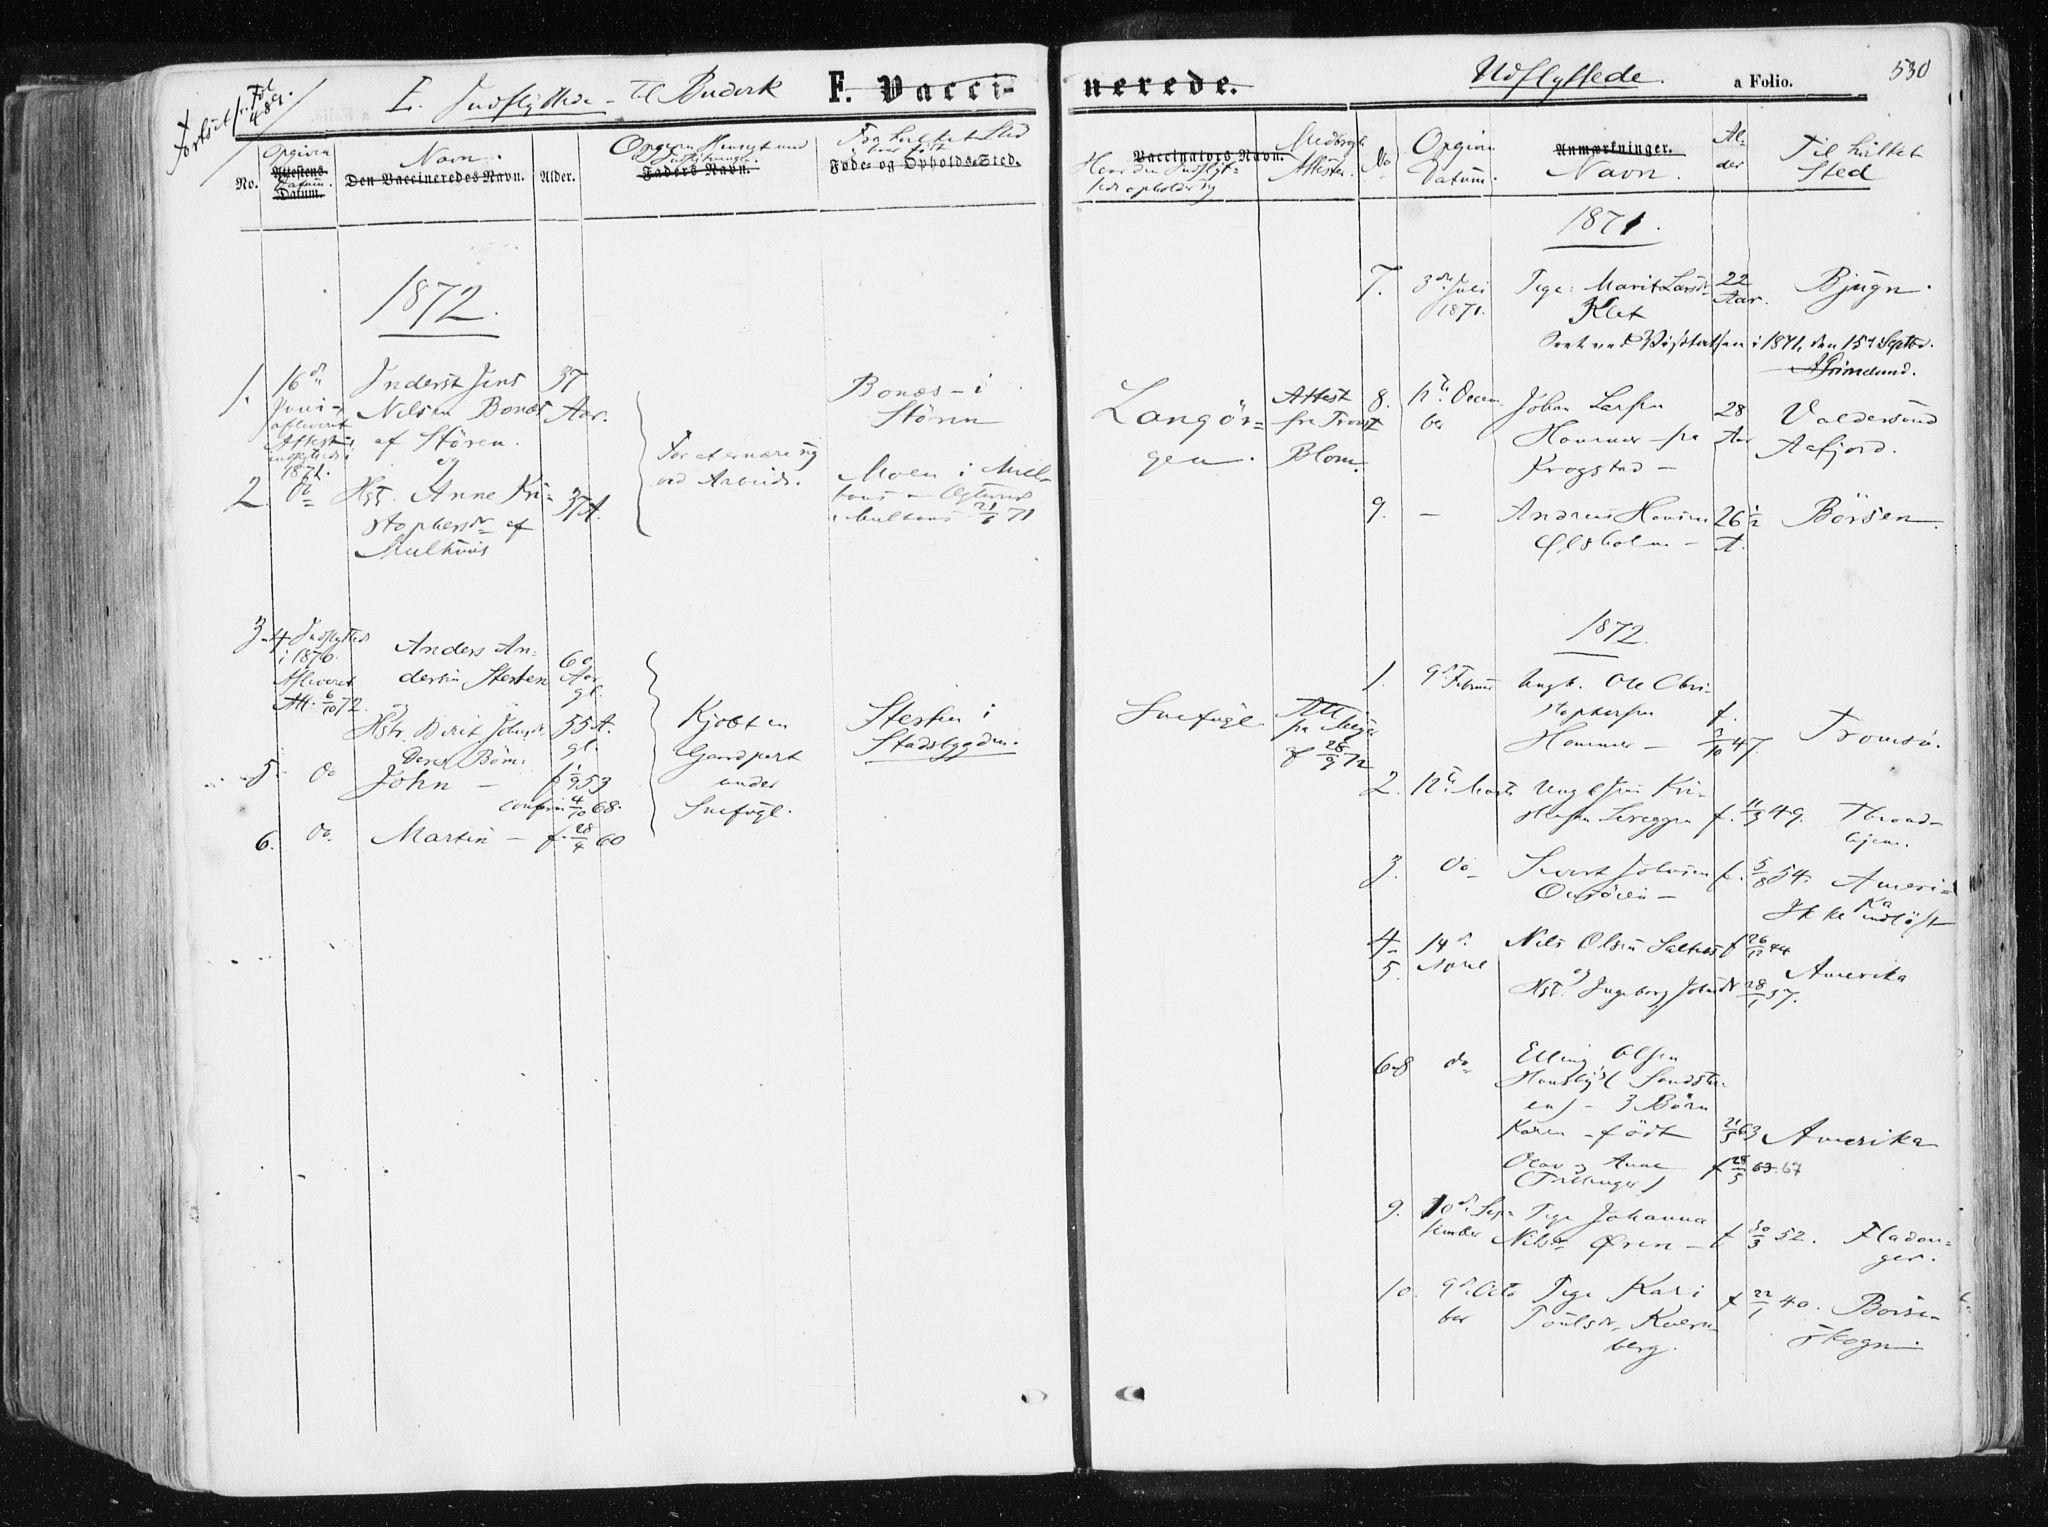 SAT, Ministerialprotokoller, klokkerbøker og fødselsregistre - Sør-Trøndelag, 612/L0377: Ministerialbok nr. 612A09, 1859-1877, s. 530